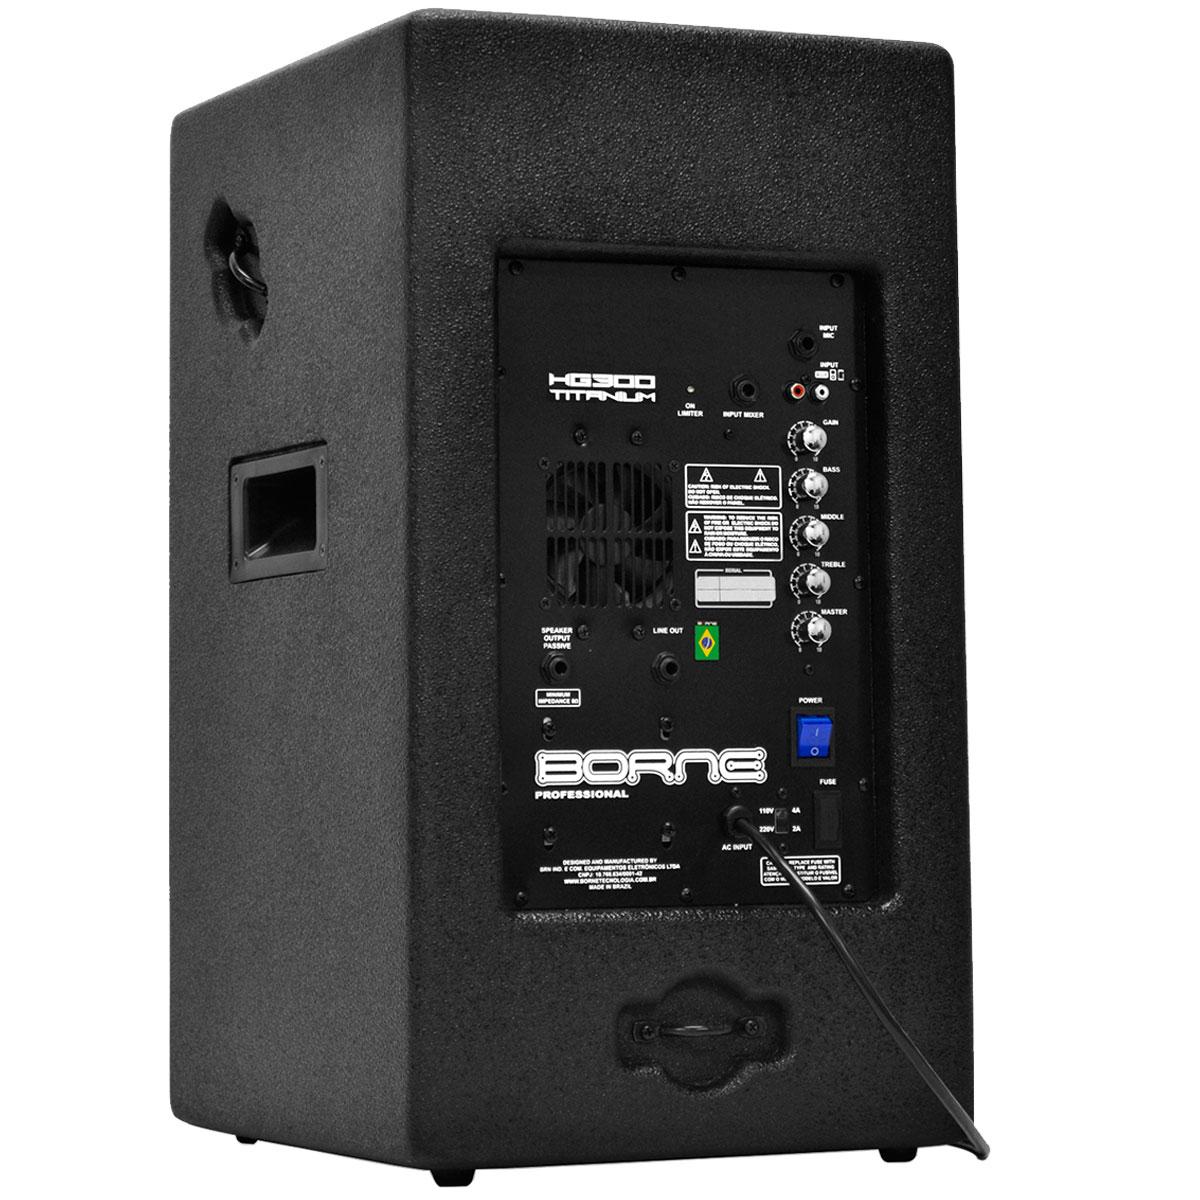 HG300 - Caixa Ativa 200W HG 300 Titanium - Borne